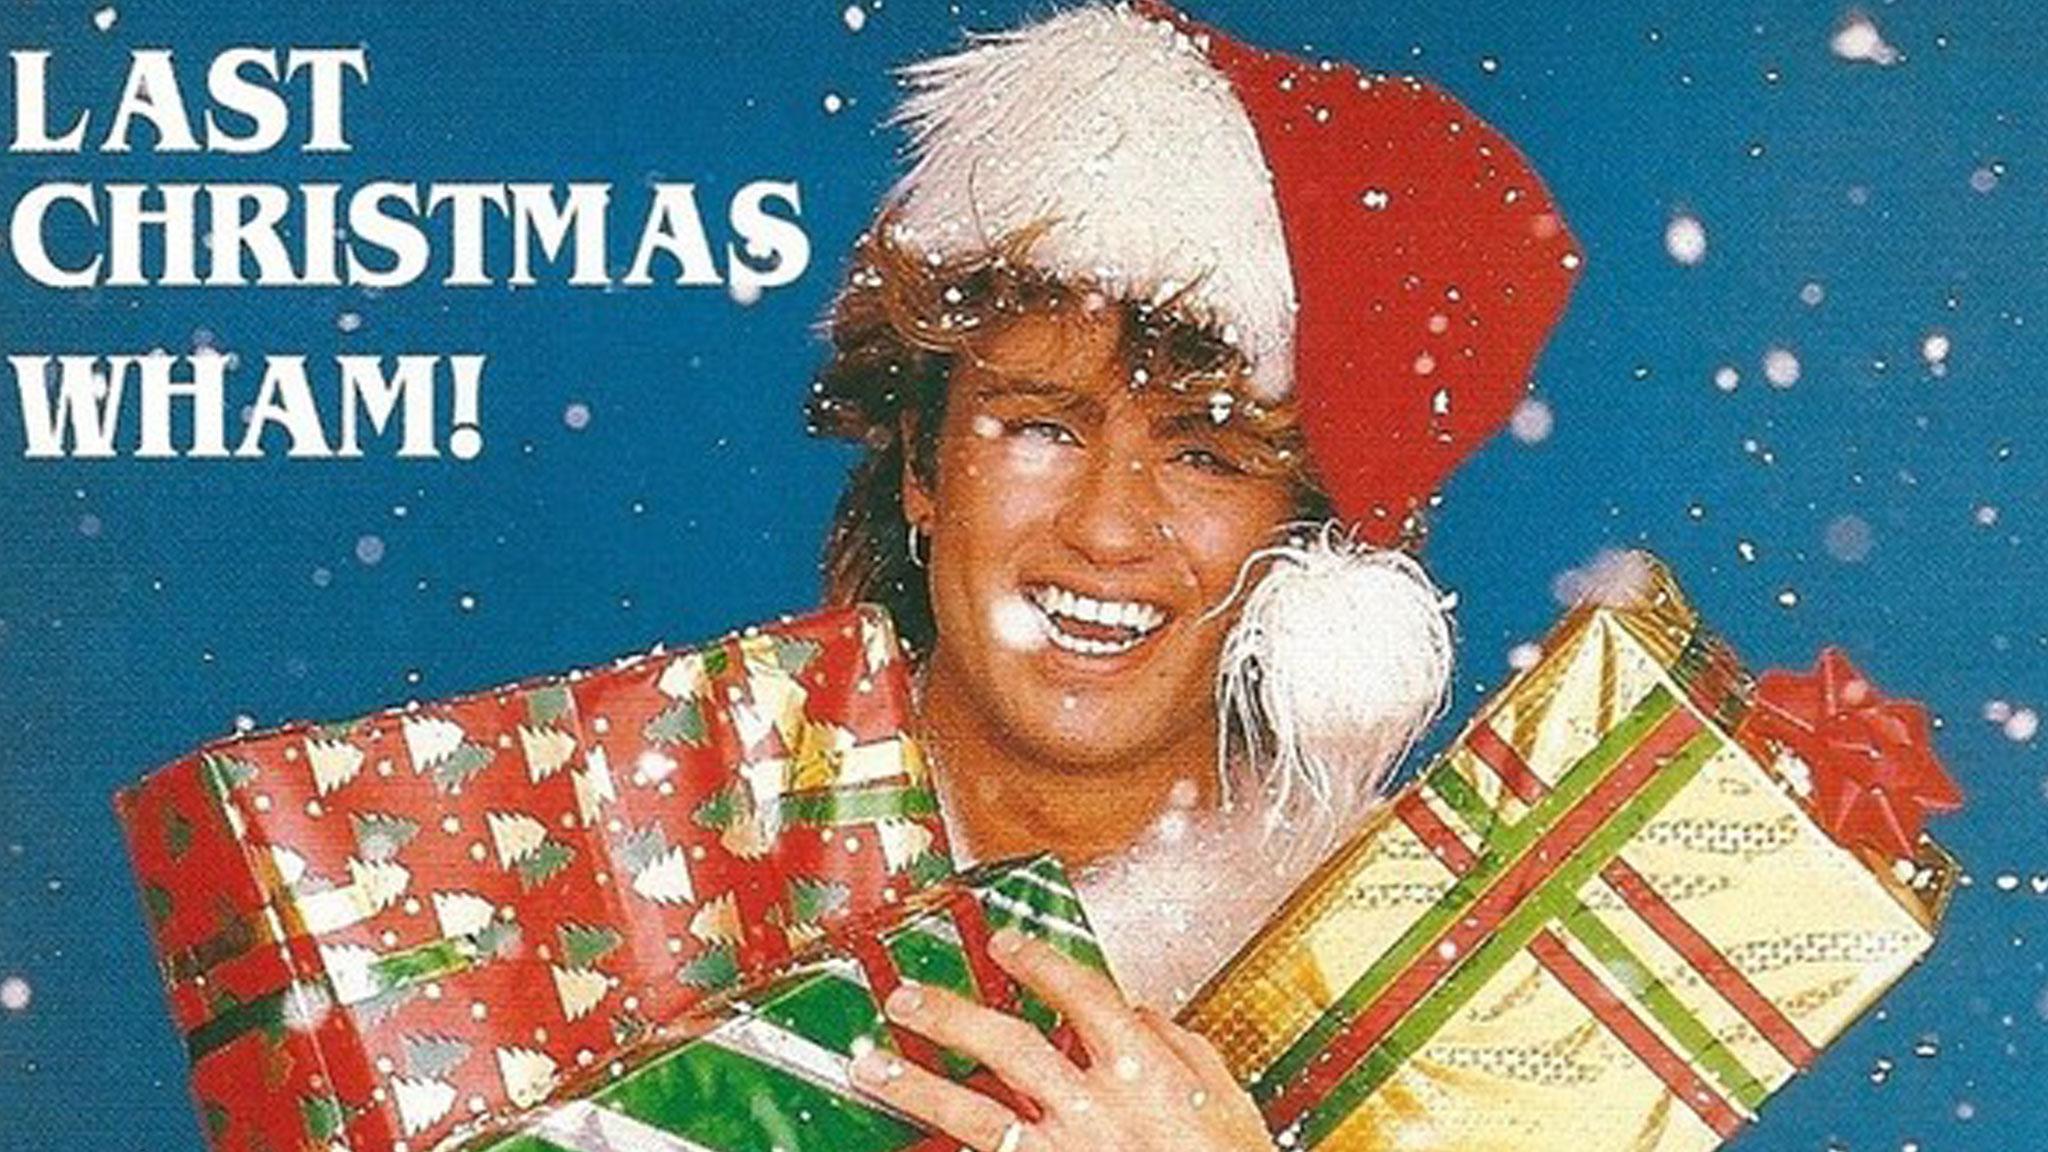 Gli auguri di Pensieri Shakerati: alla ricerca della magia del Natale